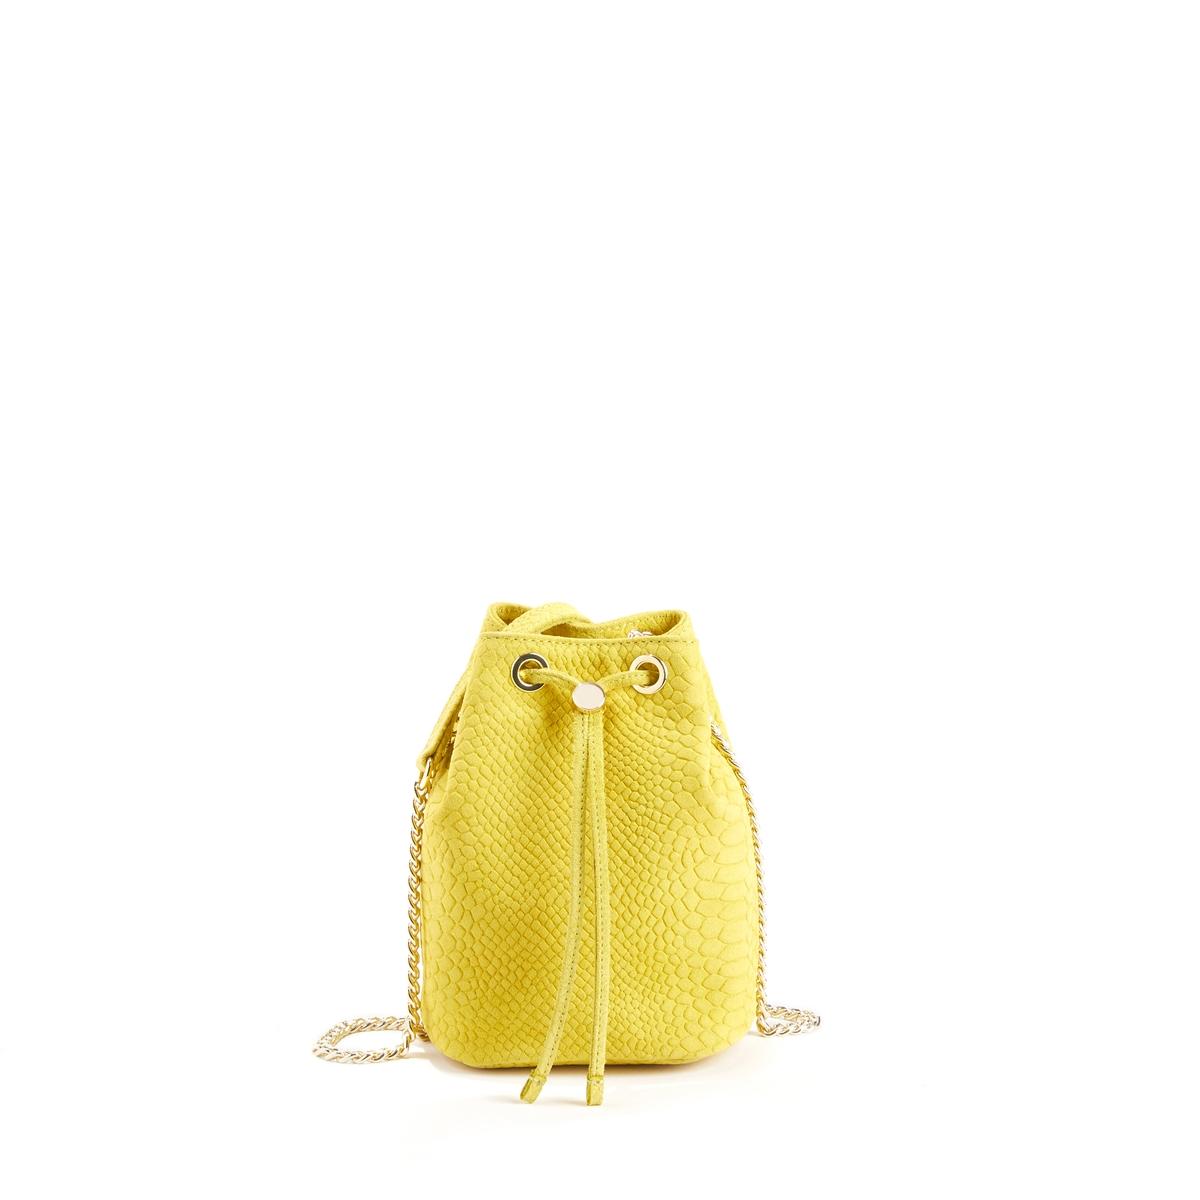 Сумка-мешок кожаная YUZUОписание:Сумка-мешок PETITE MENDIGOTE - модель YUZU, в форме мешка из рельефной яловичной кожи под кожу крокодила, с золотистой цепью и кожаной планкой на ремешке.Детали  •  Застежка на кожаную тесьму, продетую в золотистые отверстия • Внутр.накладной карман •  Ремешок 100 см •  Размер : 18 x 14 x 10 смХарактеристикиСостав и описание •  100% яловичная рельефная кожа •  Следуйте советам по уходу, указанным на этикетке.<br><br>Цвет: желтый,красный<br>Размер: единый размер.единый размер